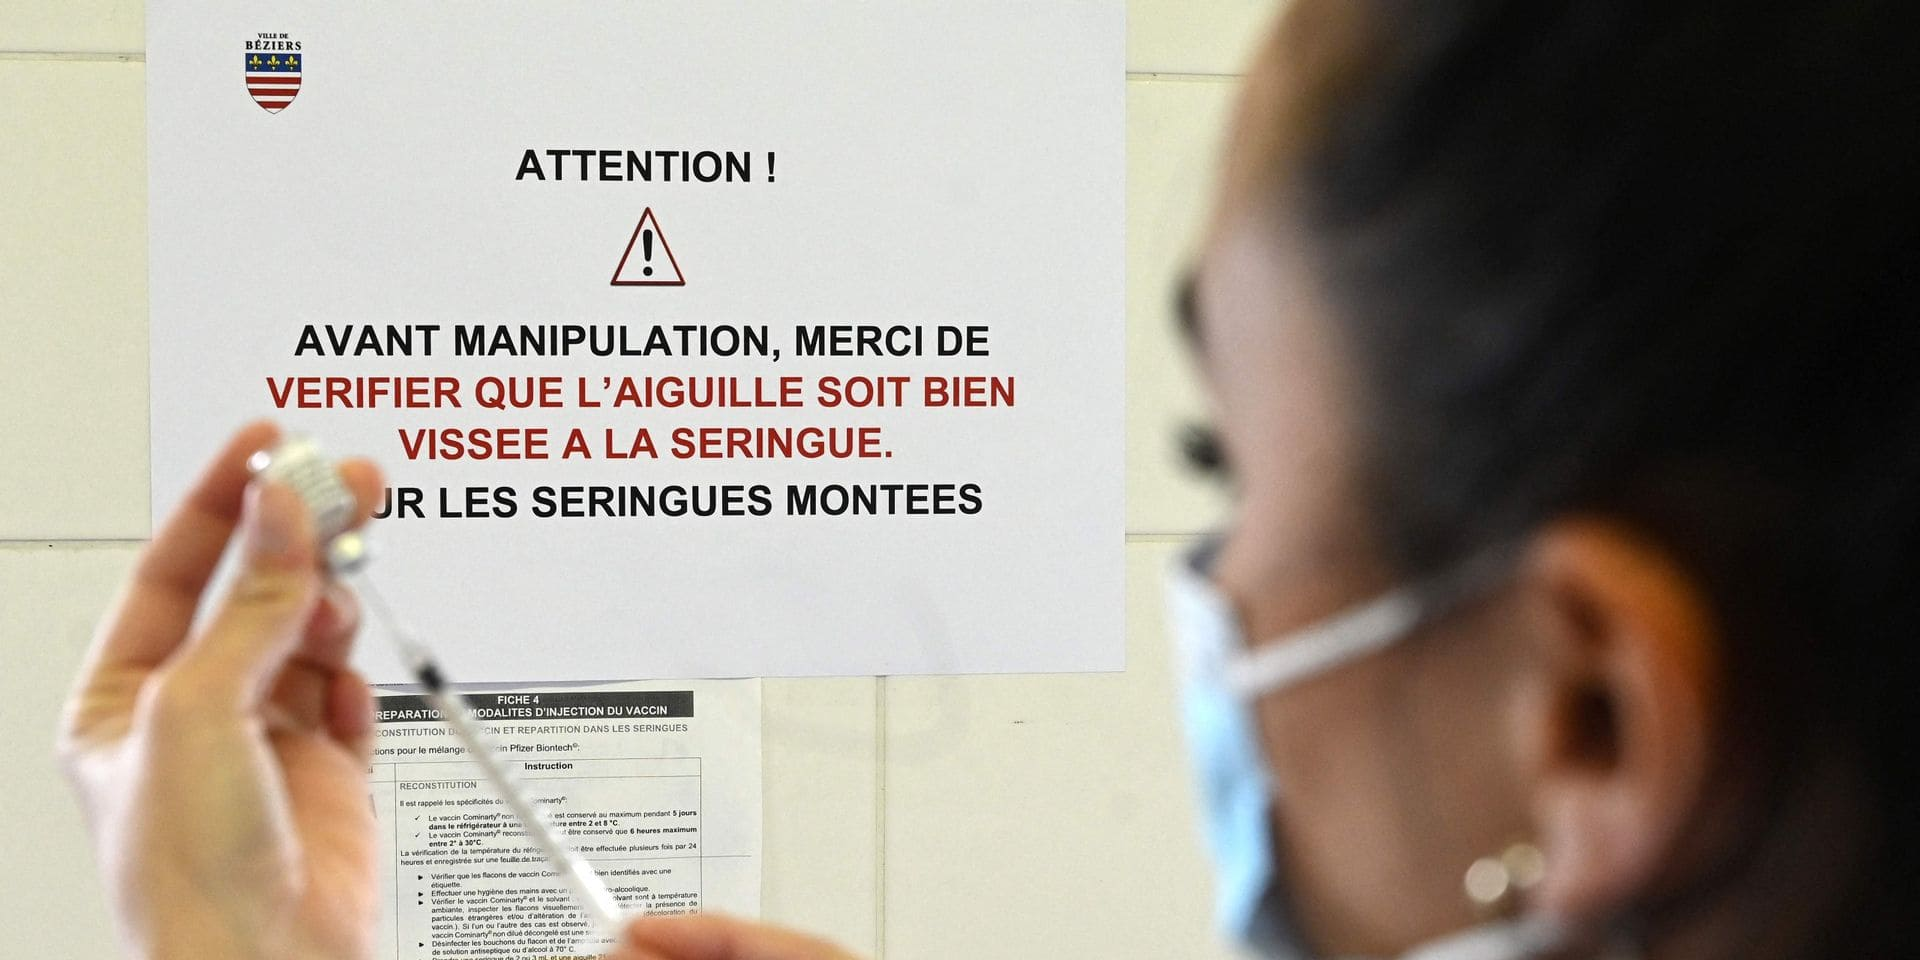 En Belgique, il y a eu 11 rapports de coagulation sanguine ou de thrombose après vaccination avec AstraZeneca